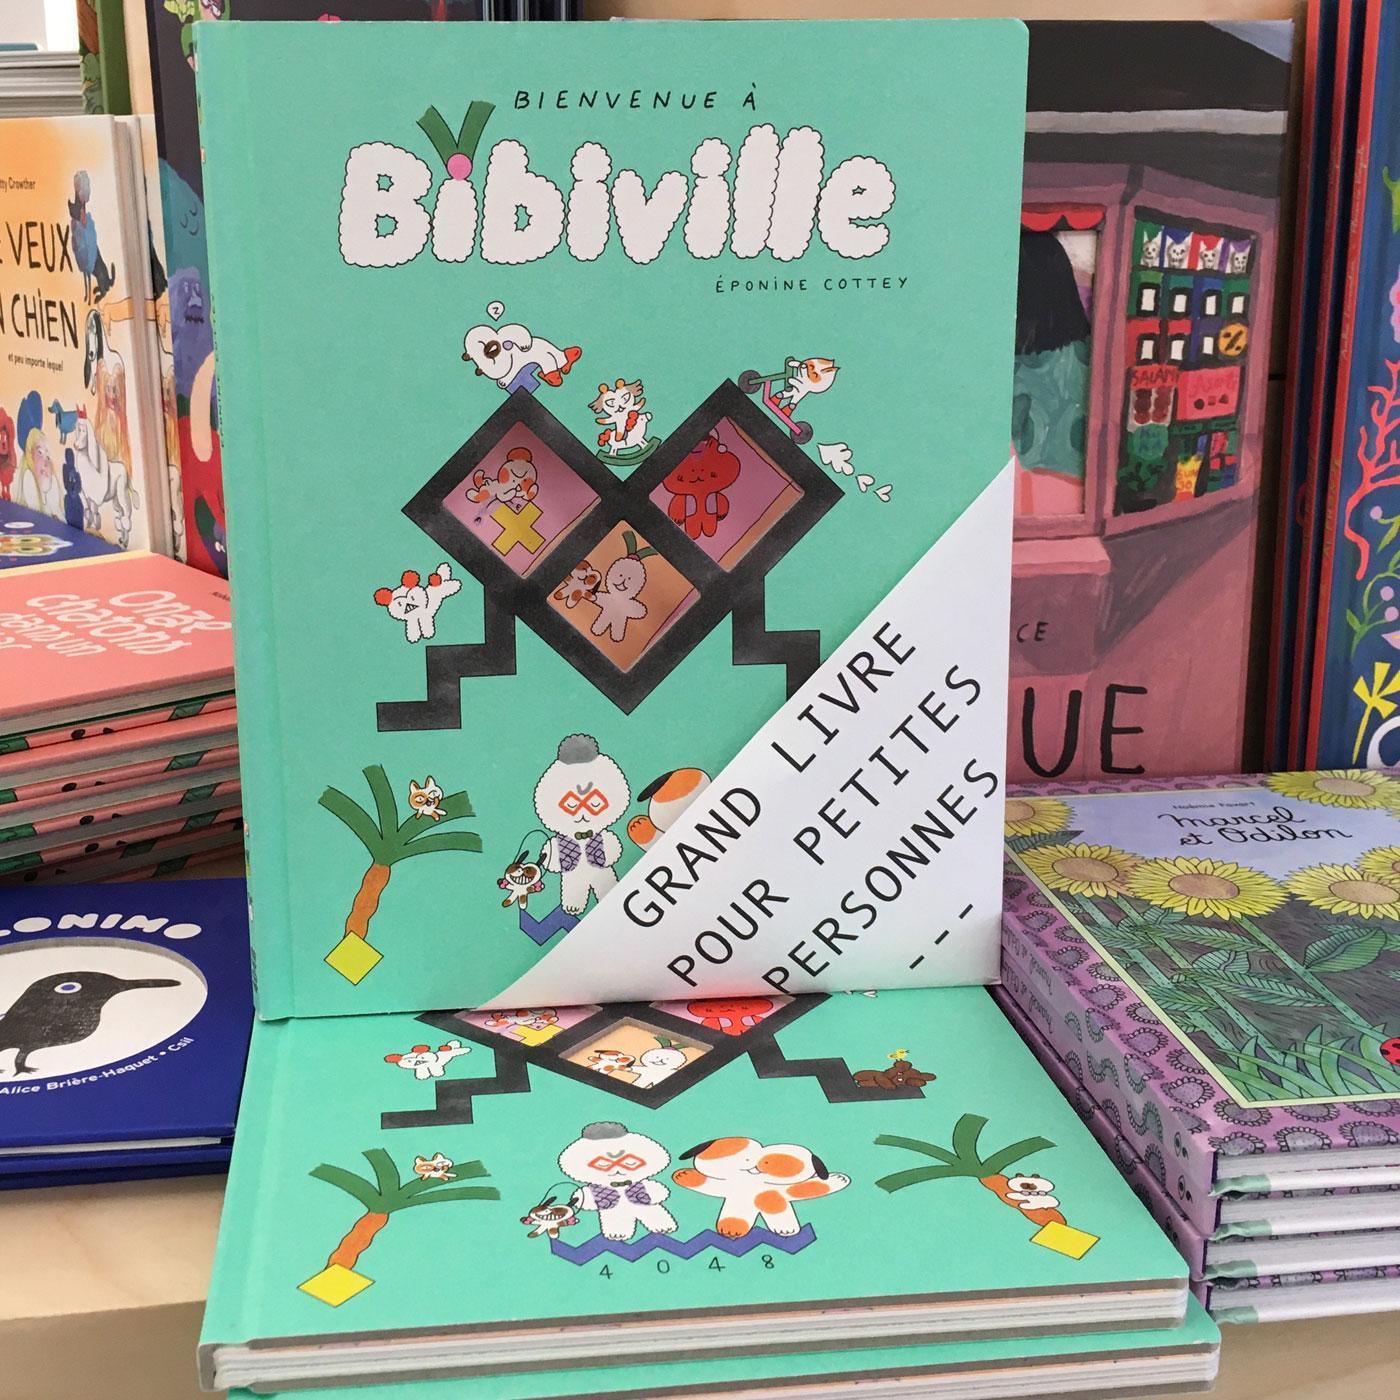 Grands livres pour petites personnes #24 - Bienvenue à Bibiville